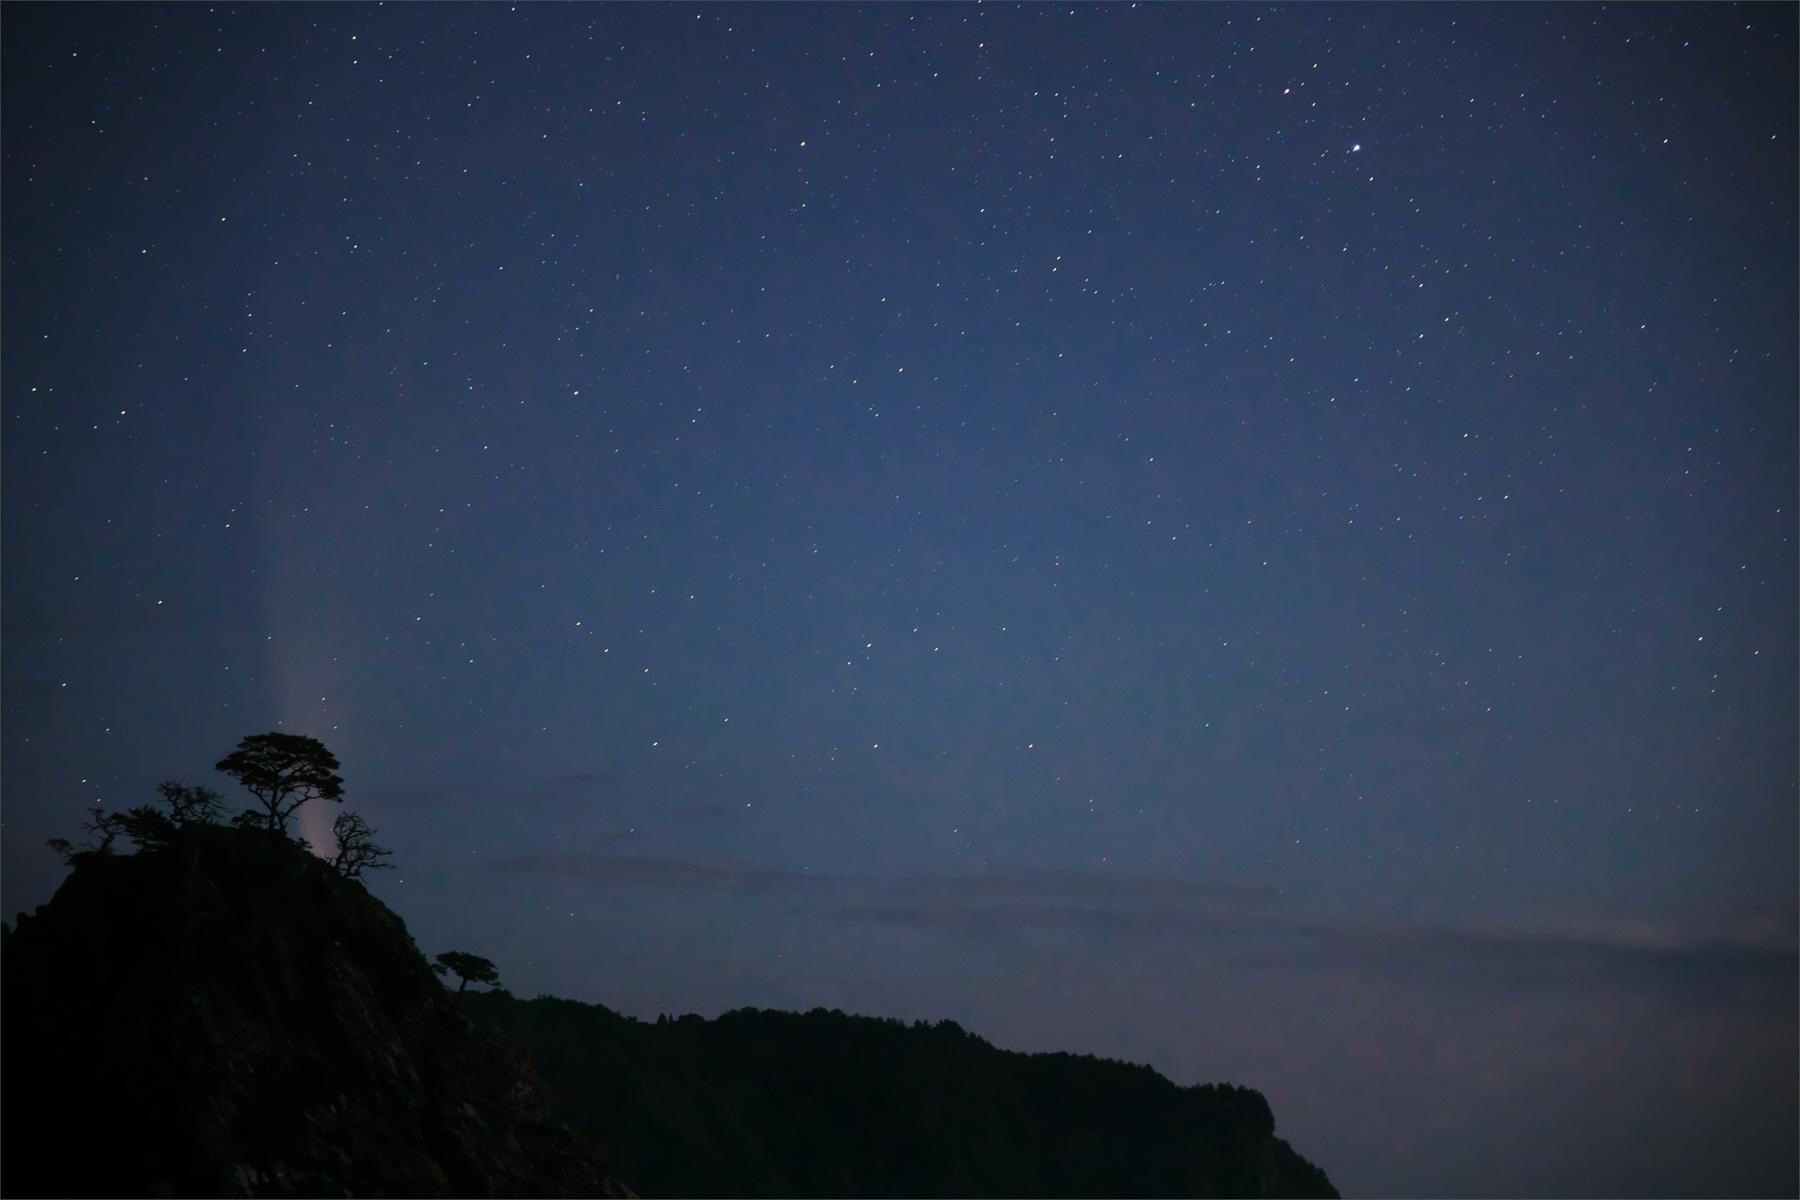 ネオワイズ彗星 (C/2020F3) 7月14日撮影 岩手県 Vol.3 END_b0191074_21331742.jpg